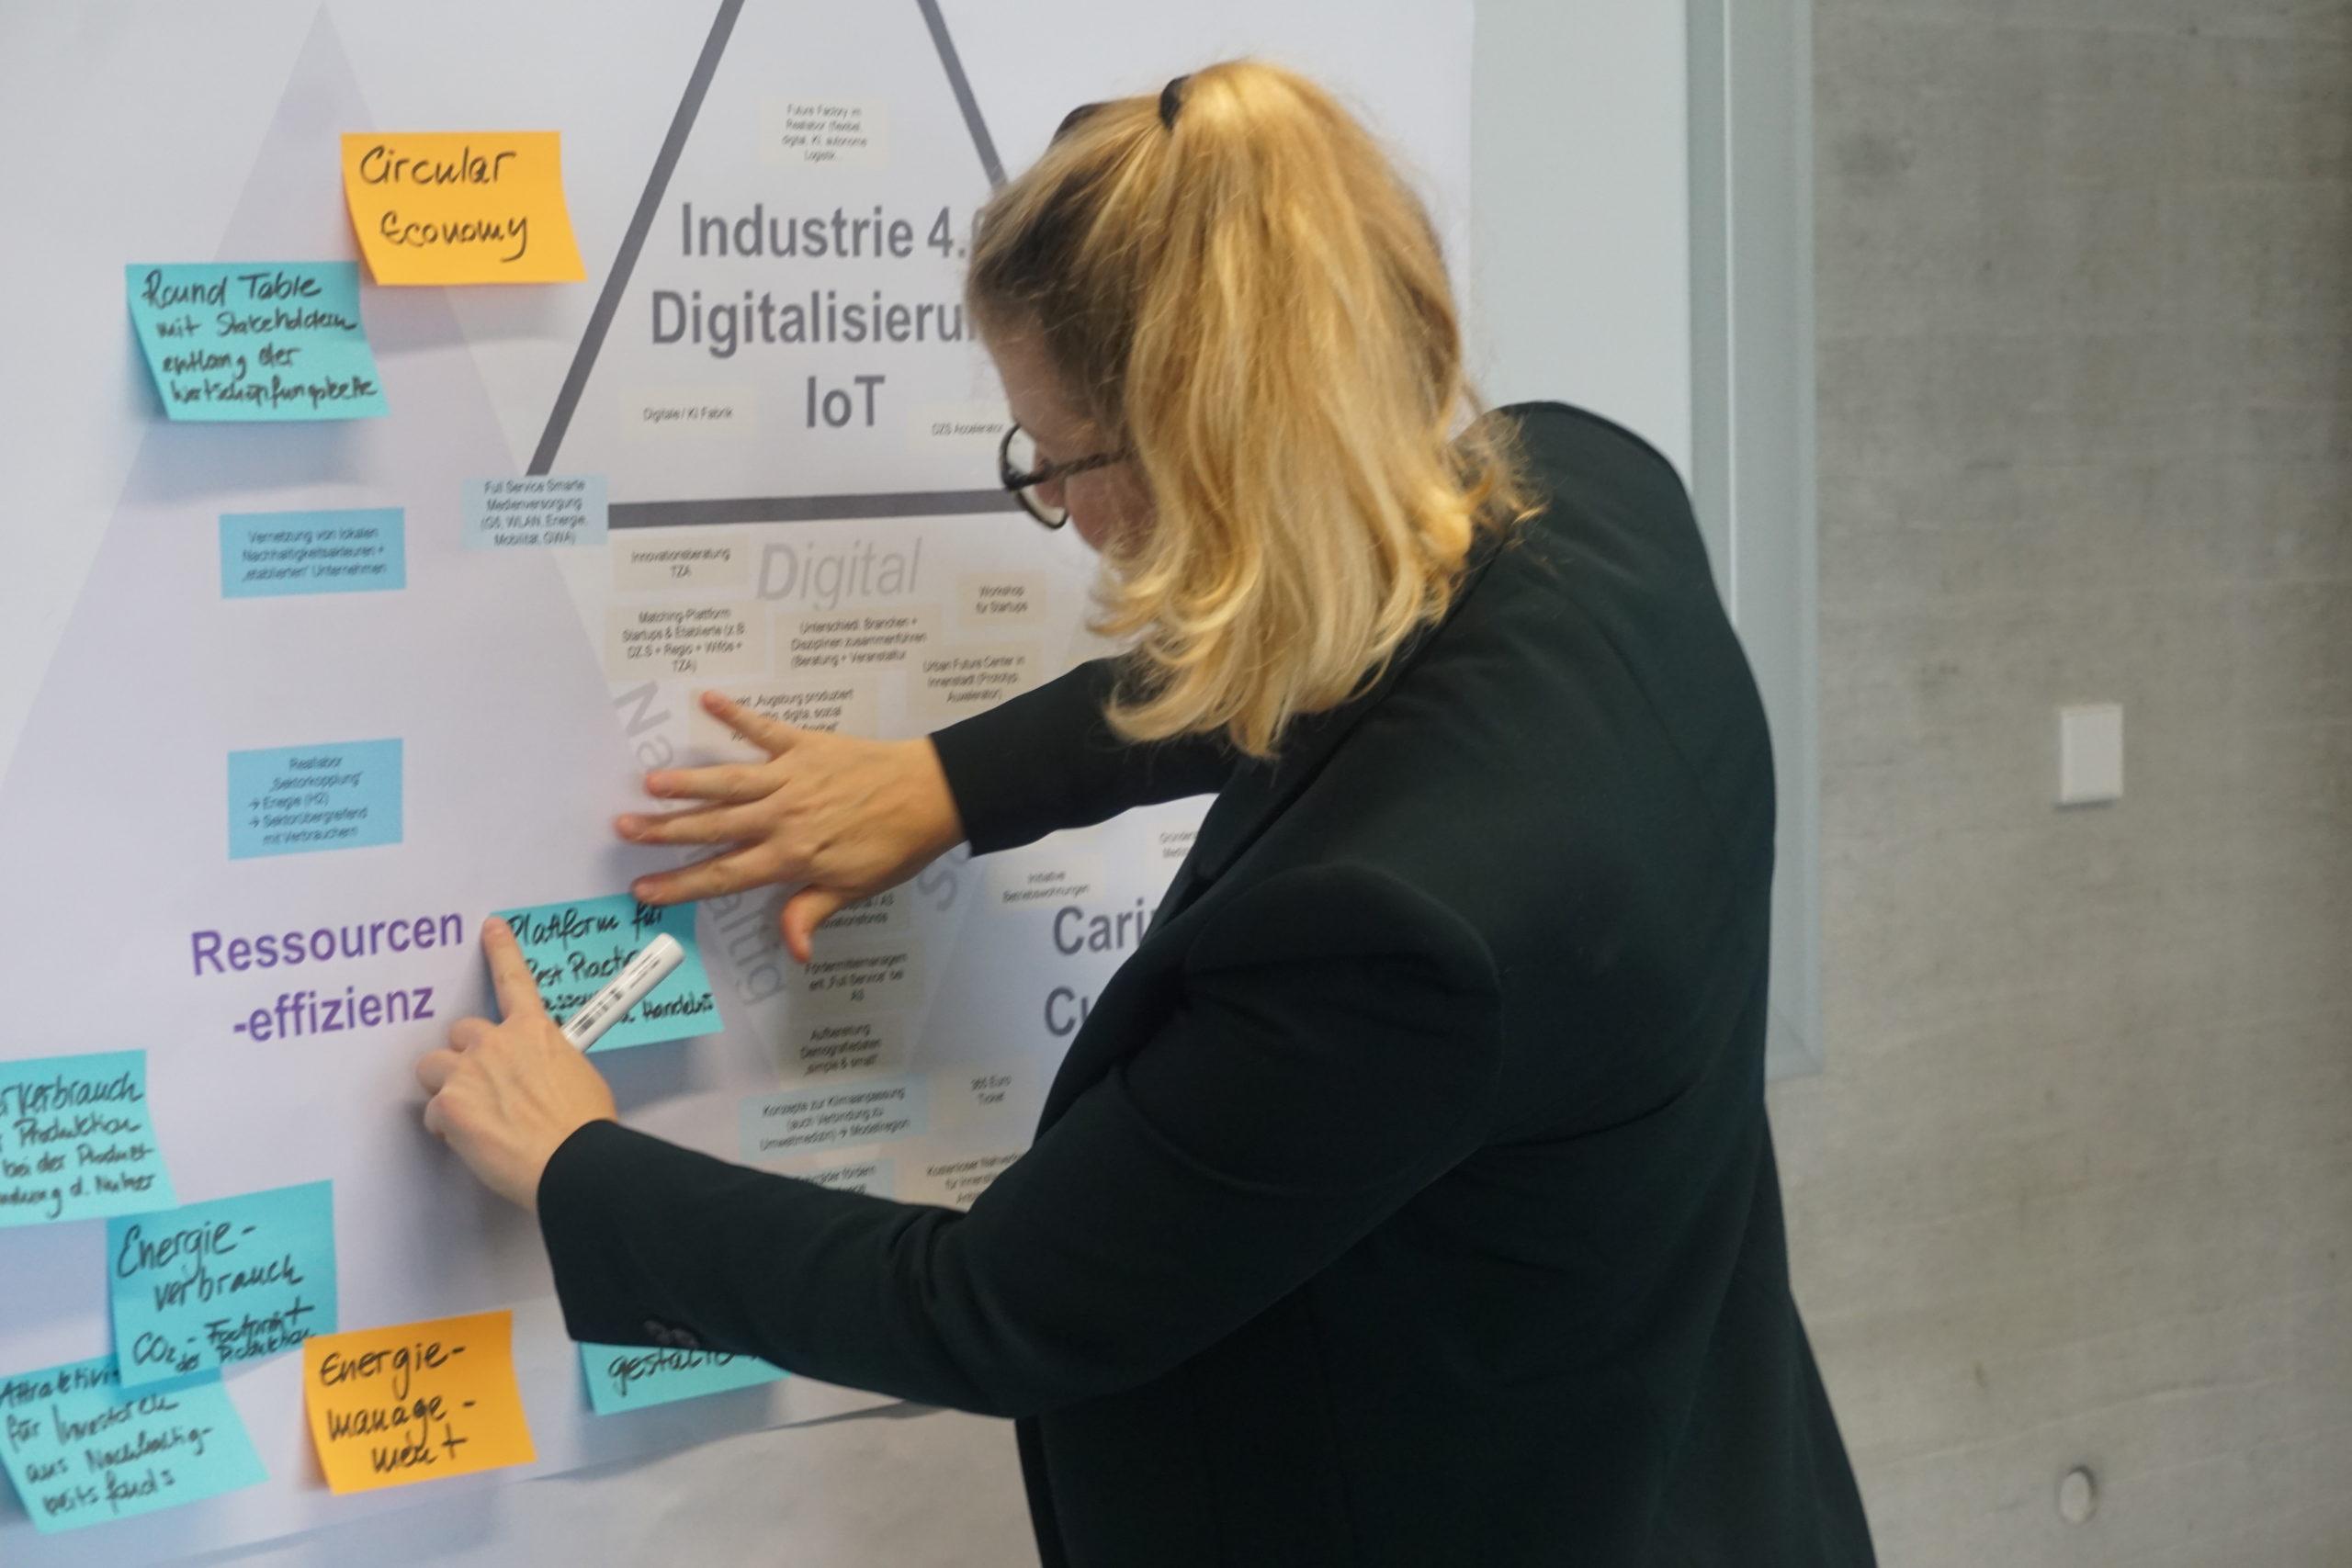 Symbolbild: Es wurden zahlreiche regionale Akteure in die Erarbeitung der Zukunftsstrategie Wirtschaftsraum Augsburg A³ 2030 eingebunden.